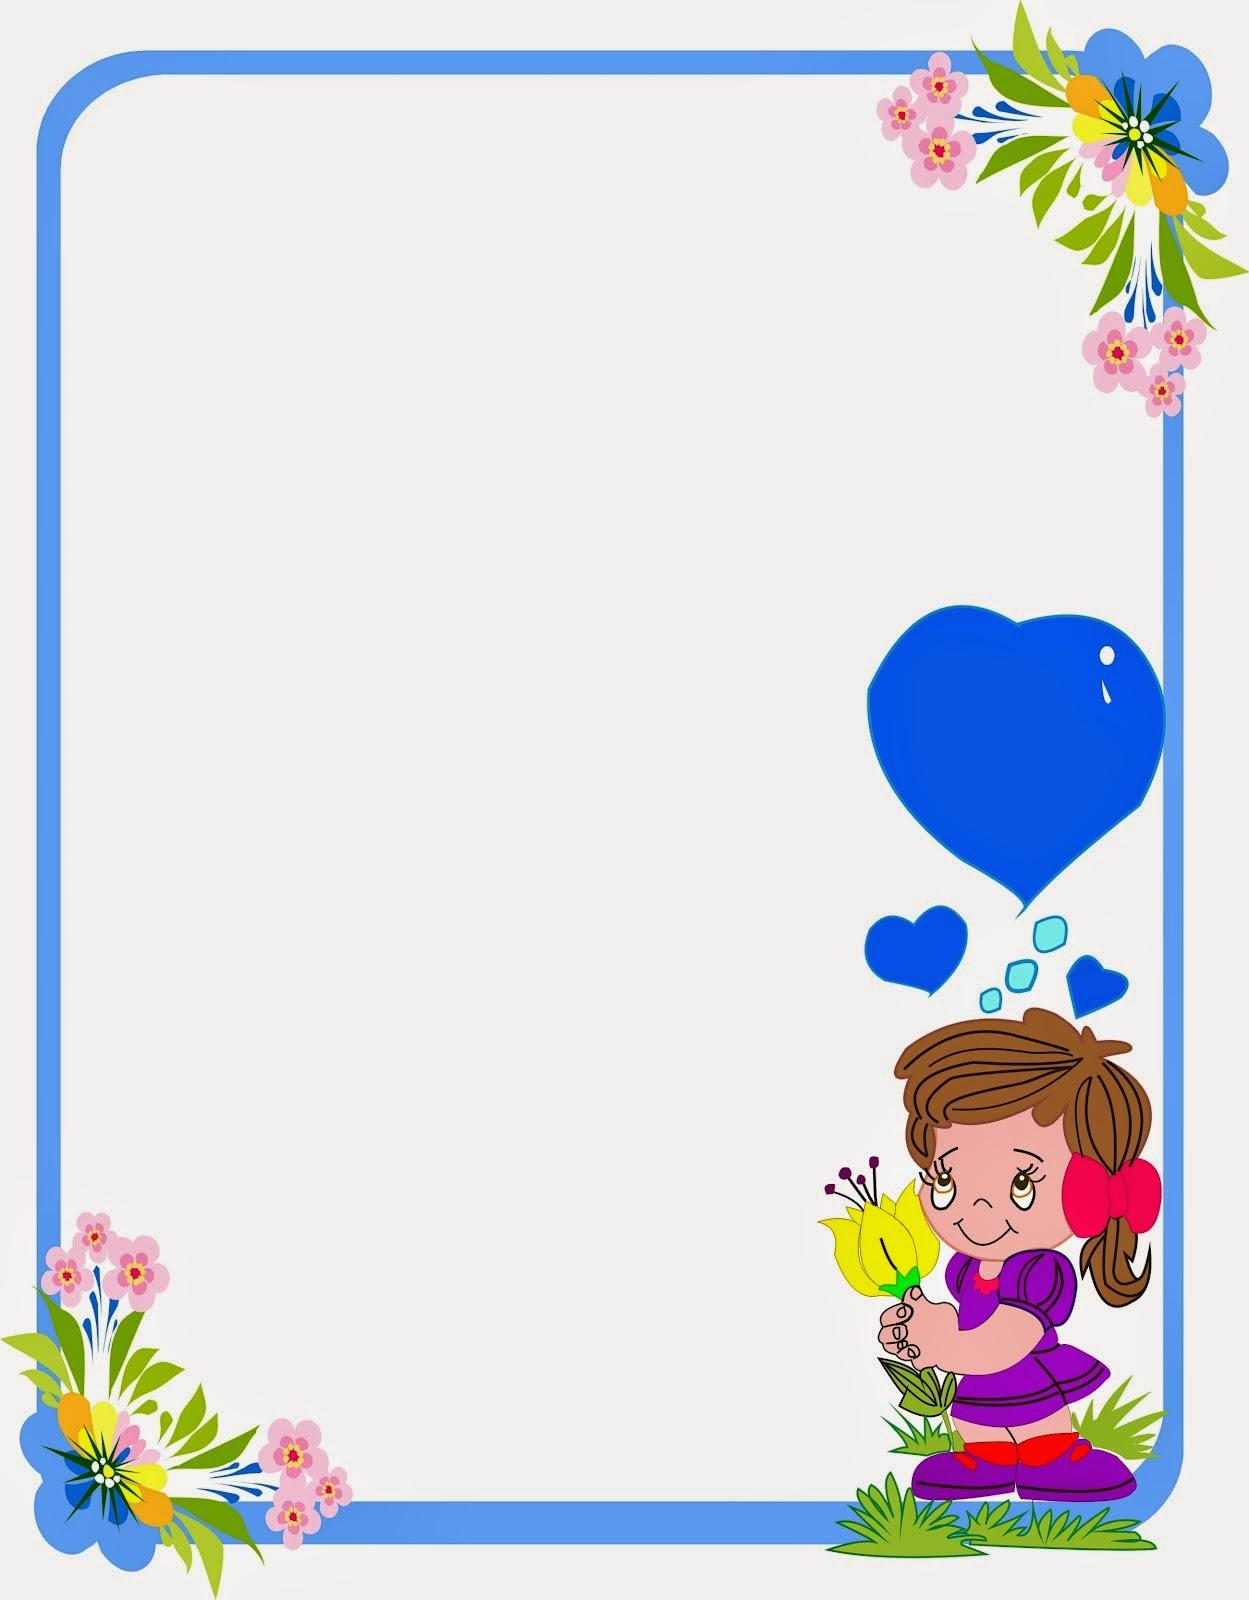 Caratulas y Recursos para Estudiantes: Caratulas infantiles para